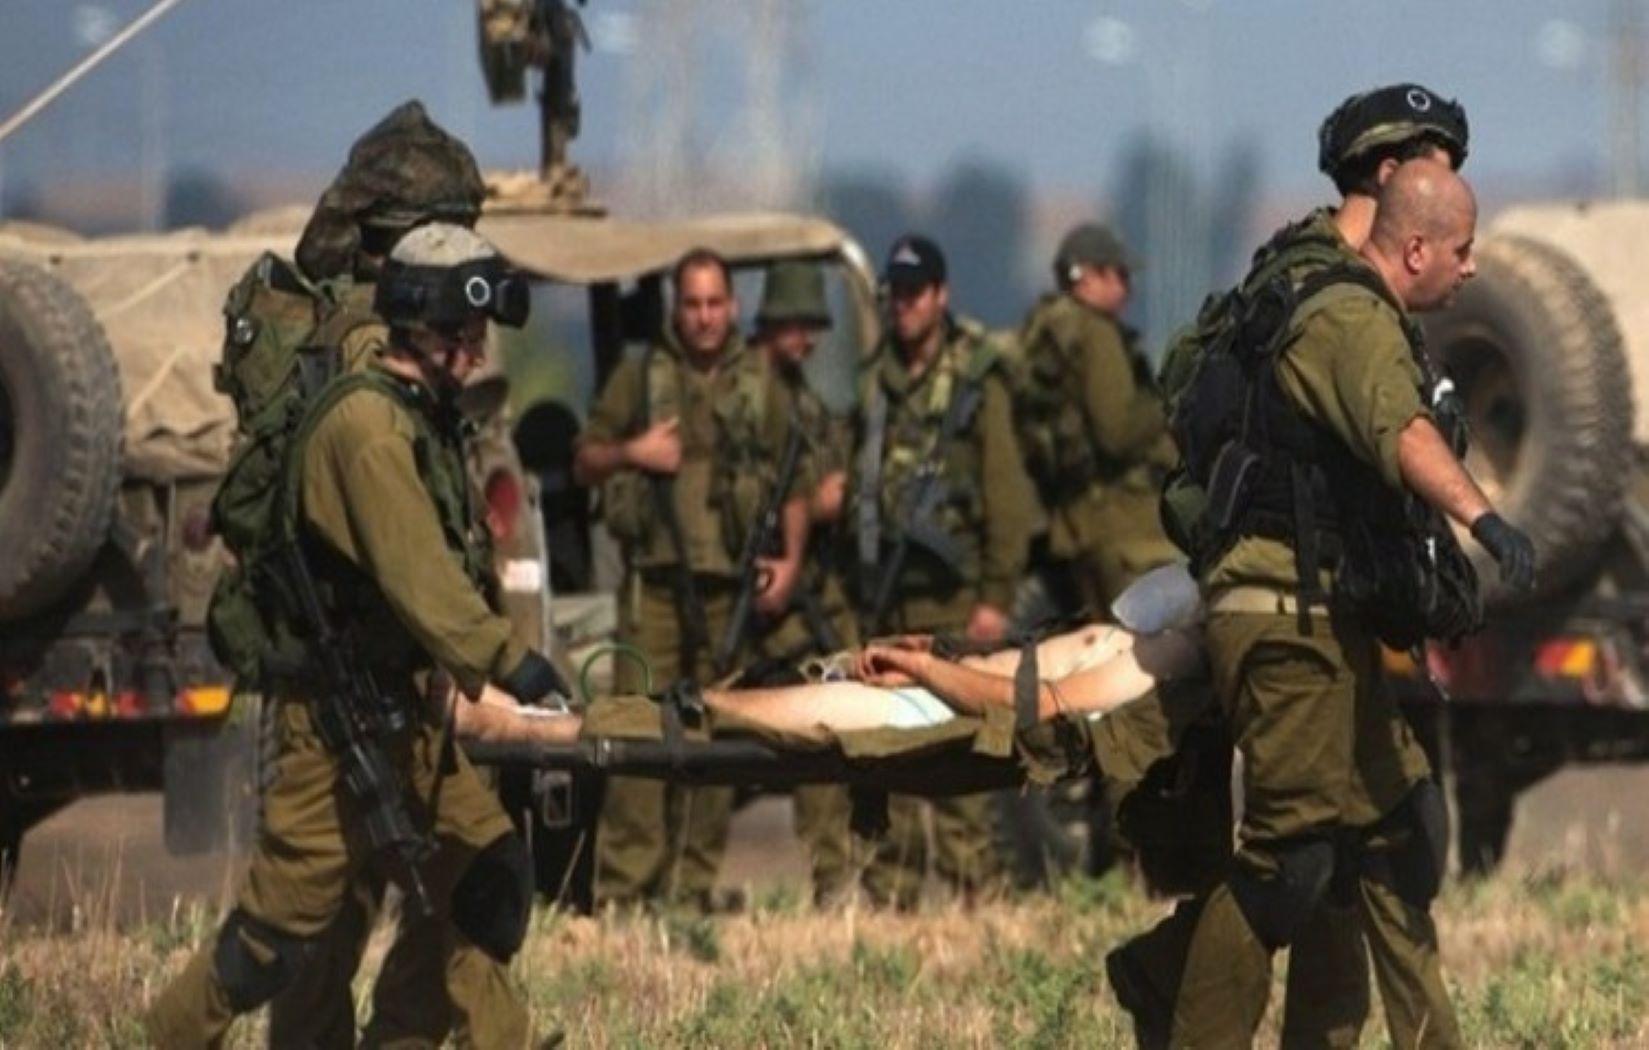 إسرائيل تستعد لعملية برية في غزة